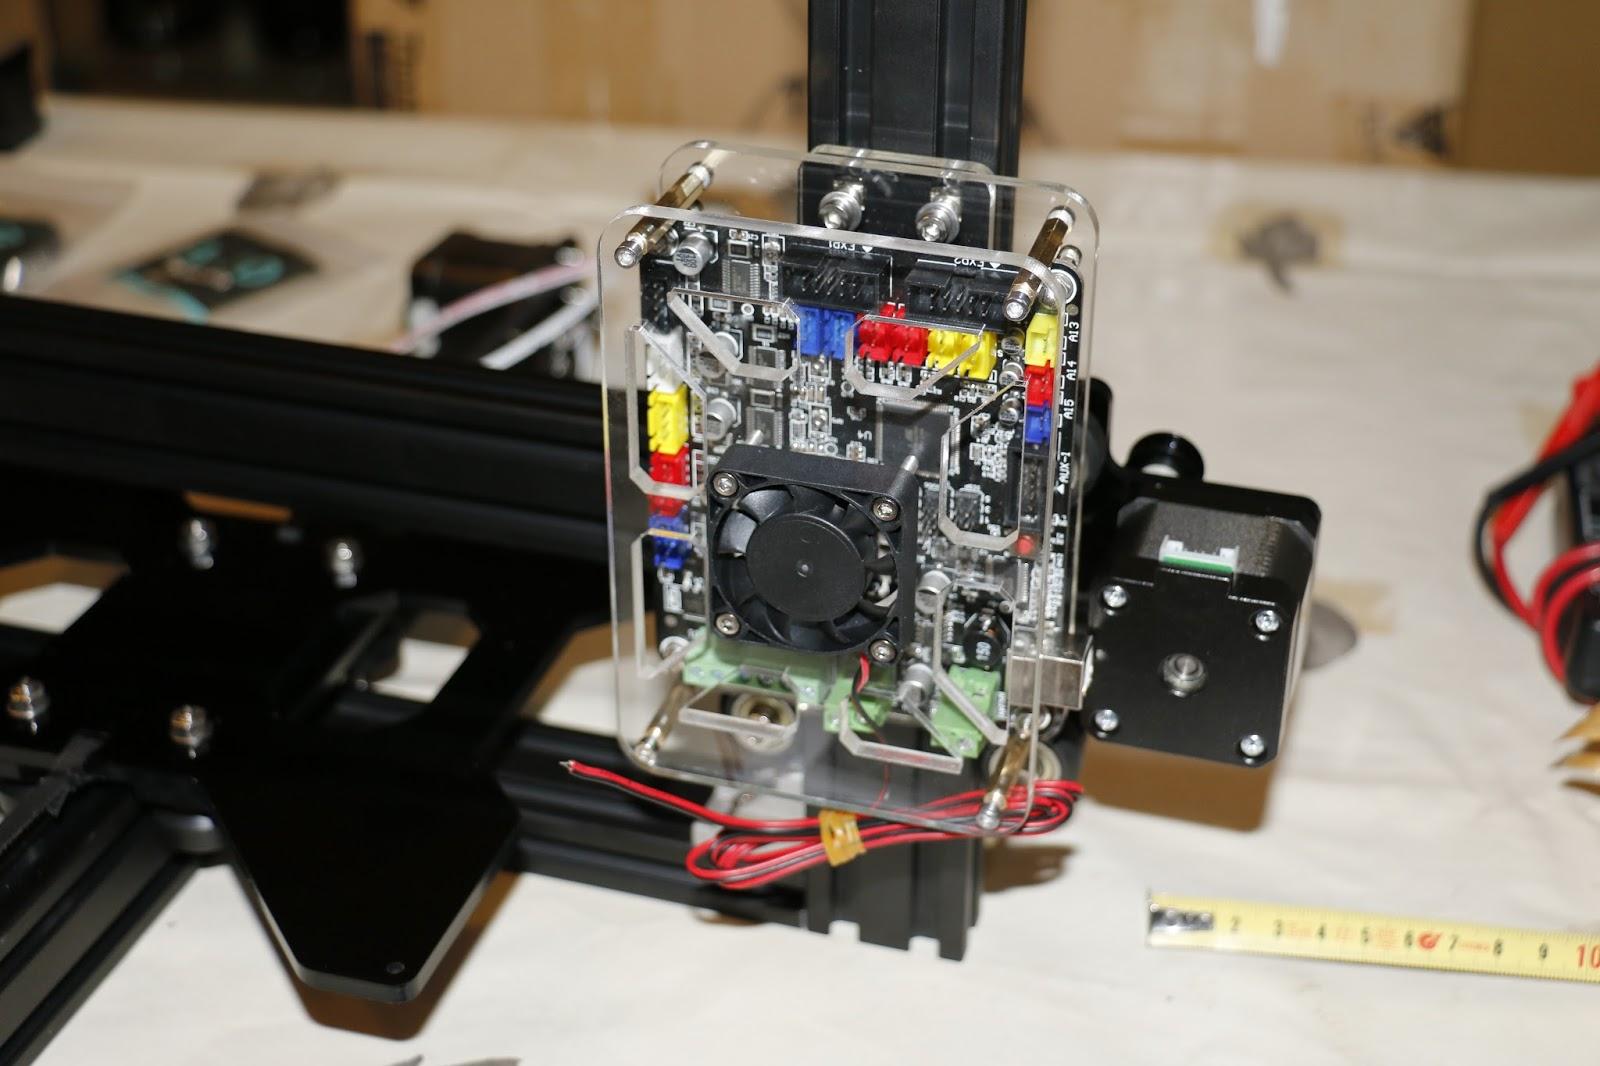 3D Printer: Tevo Tarantula